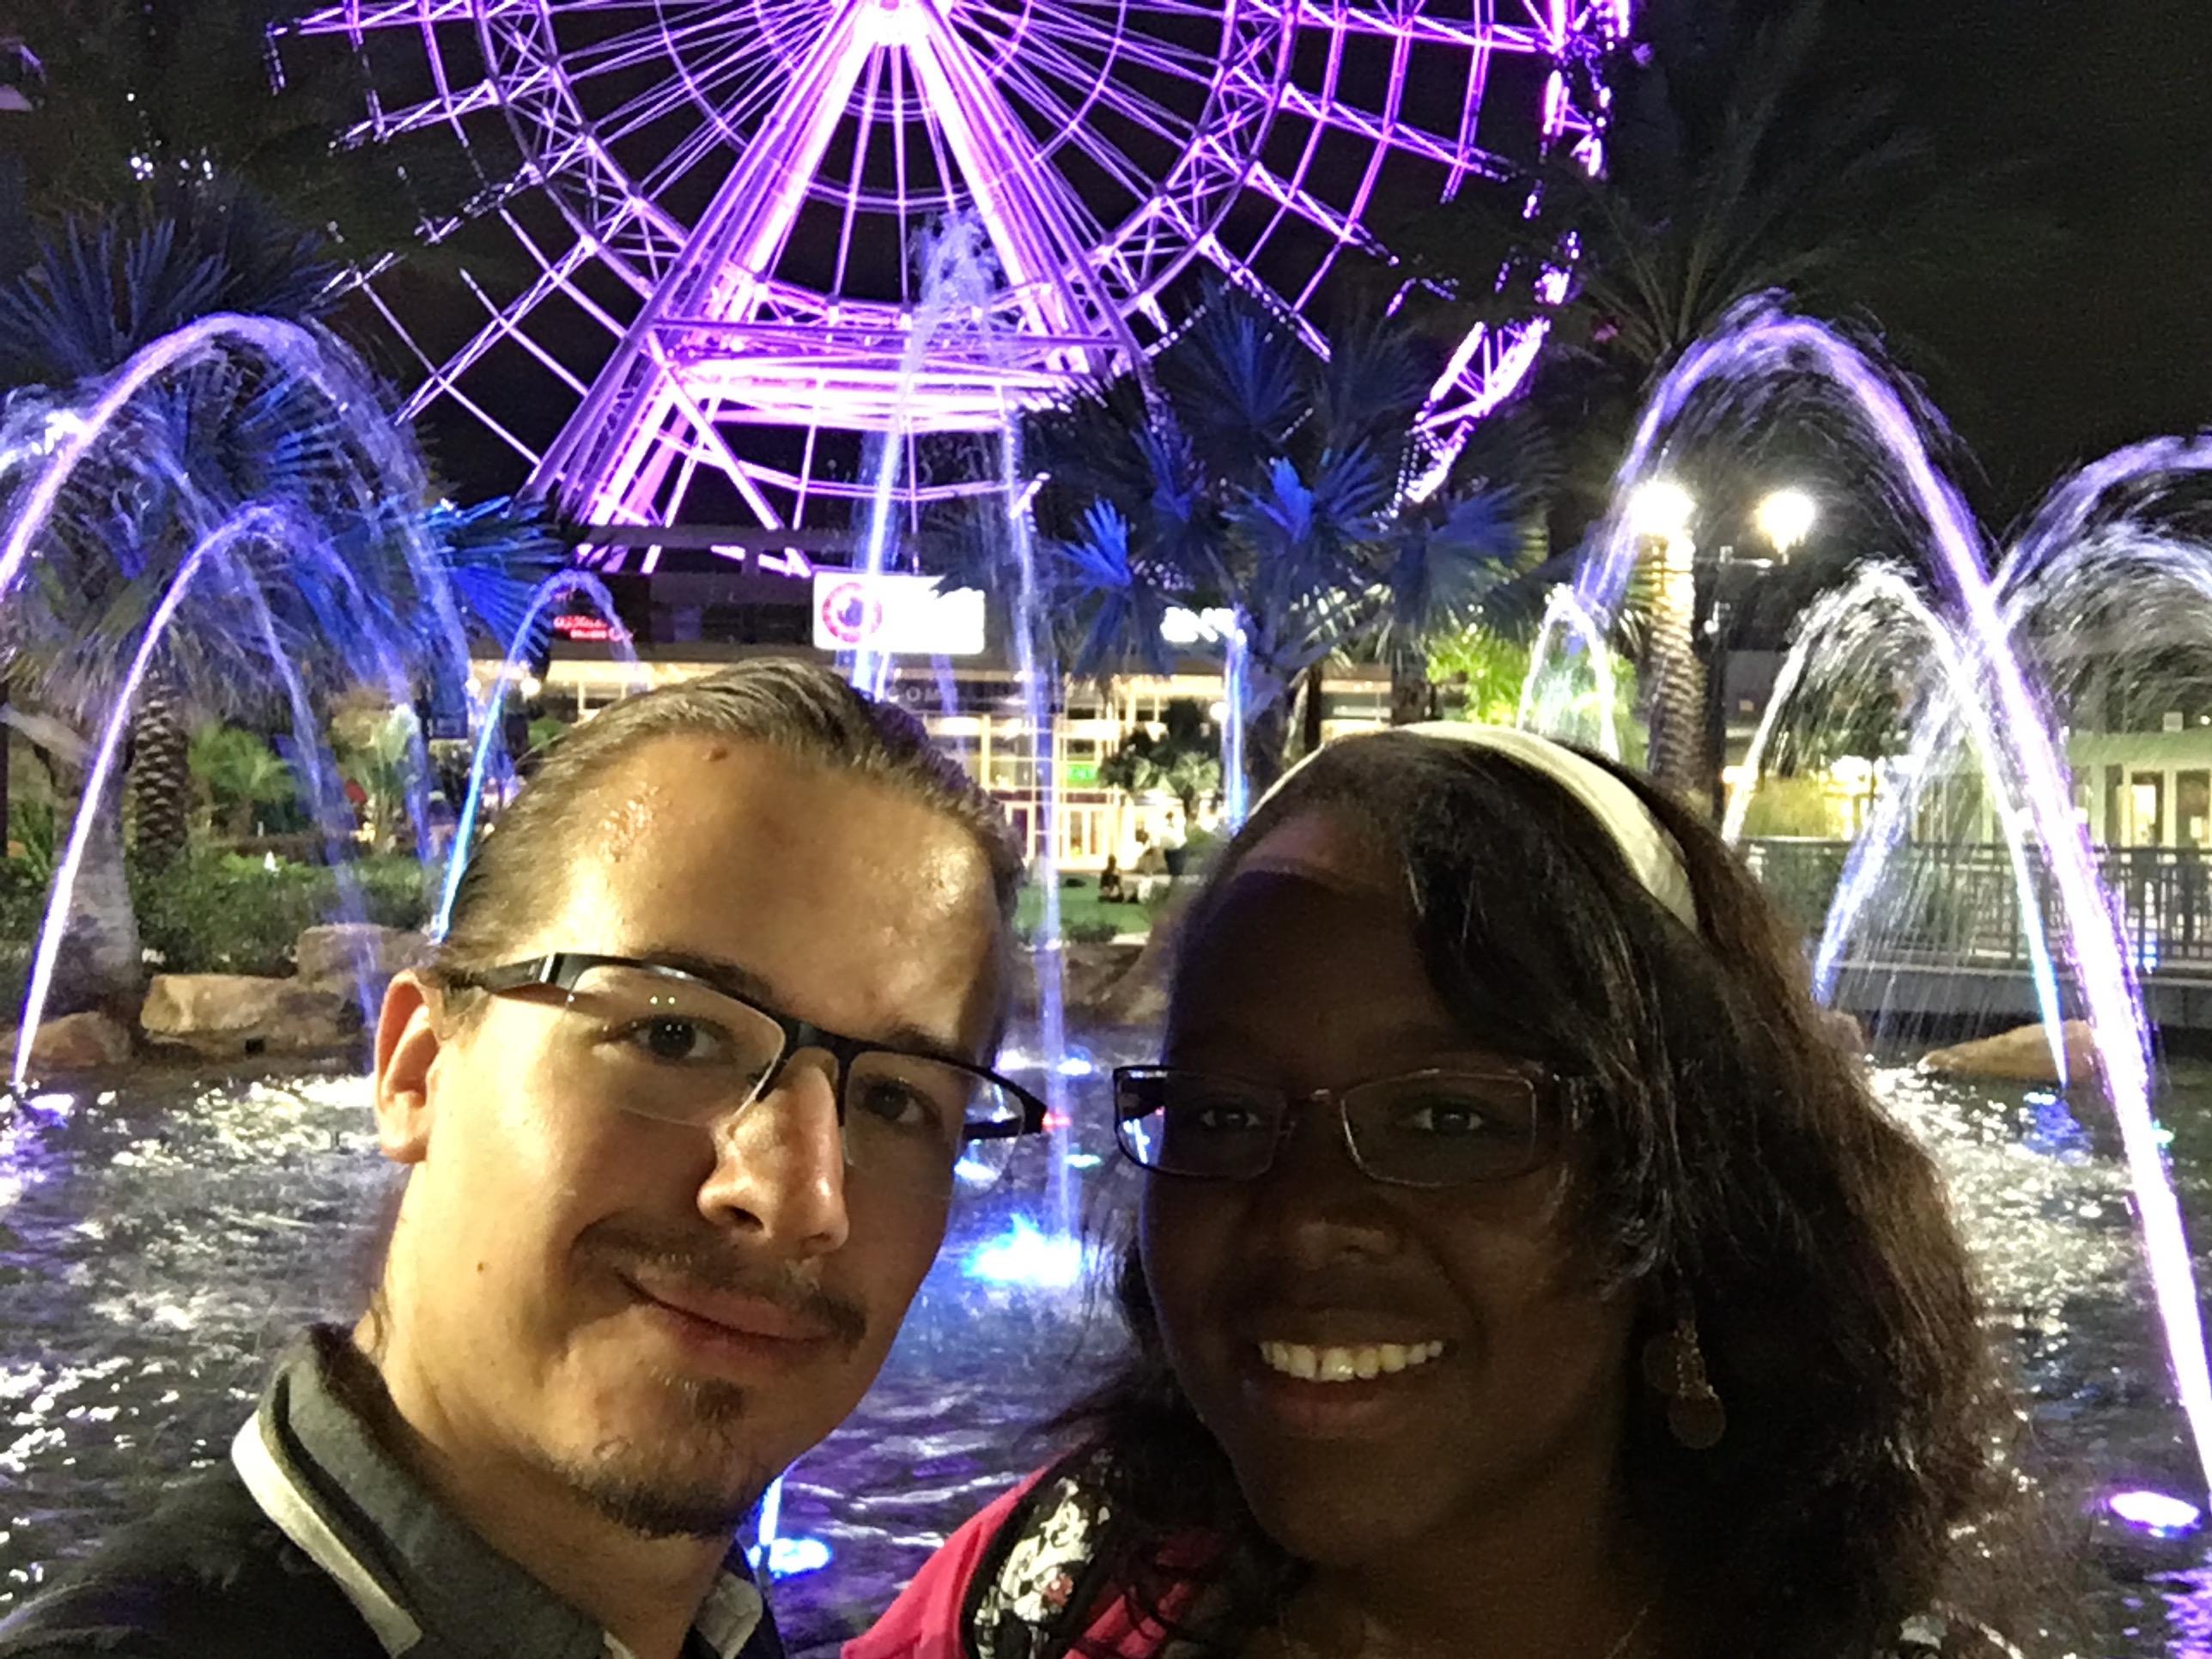 [Floride] Jour 1 : C'est les vacances, 1er jour de repos 169